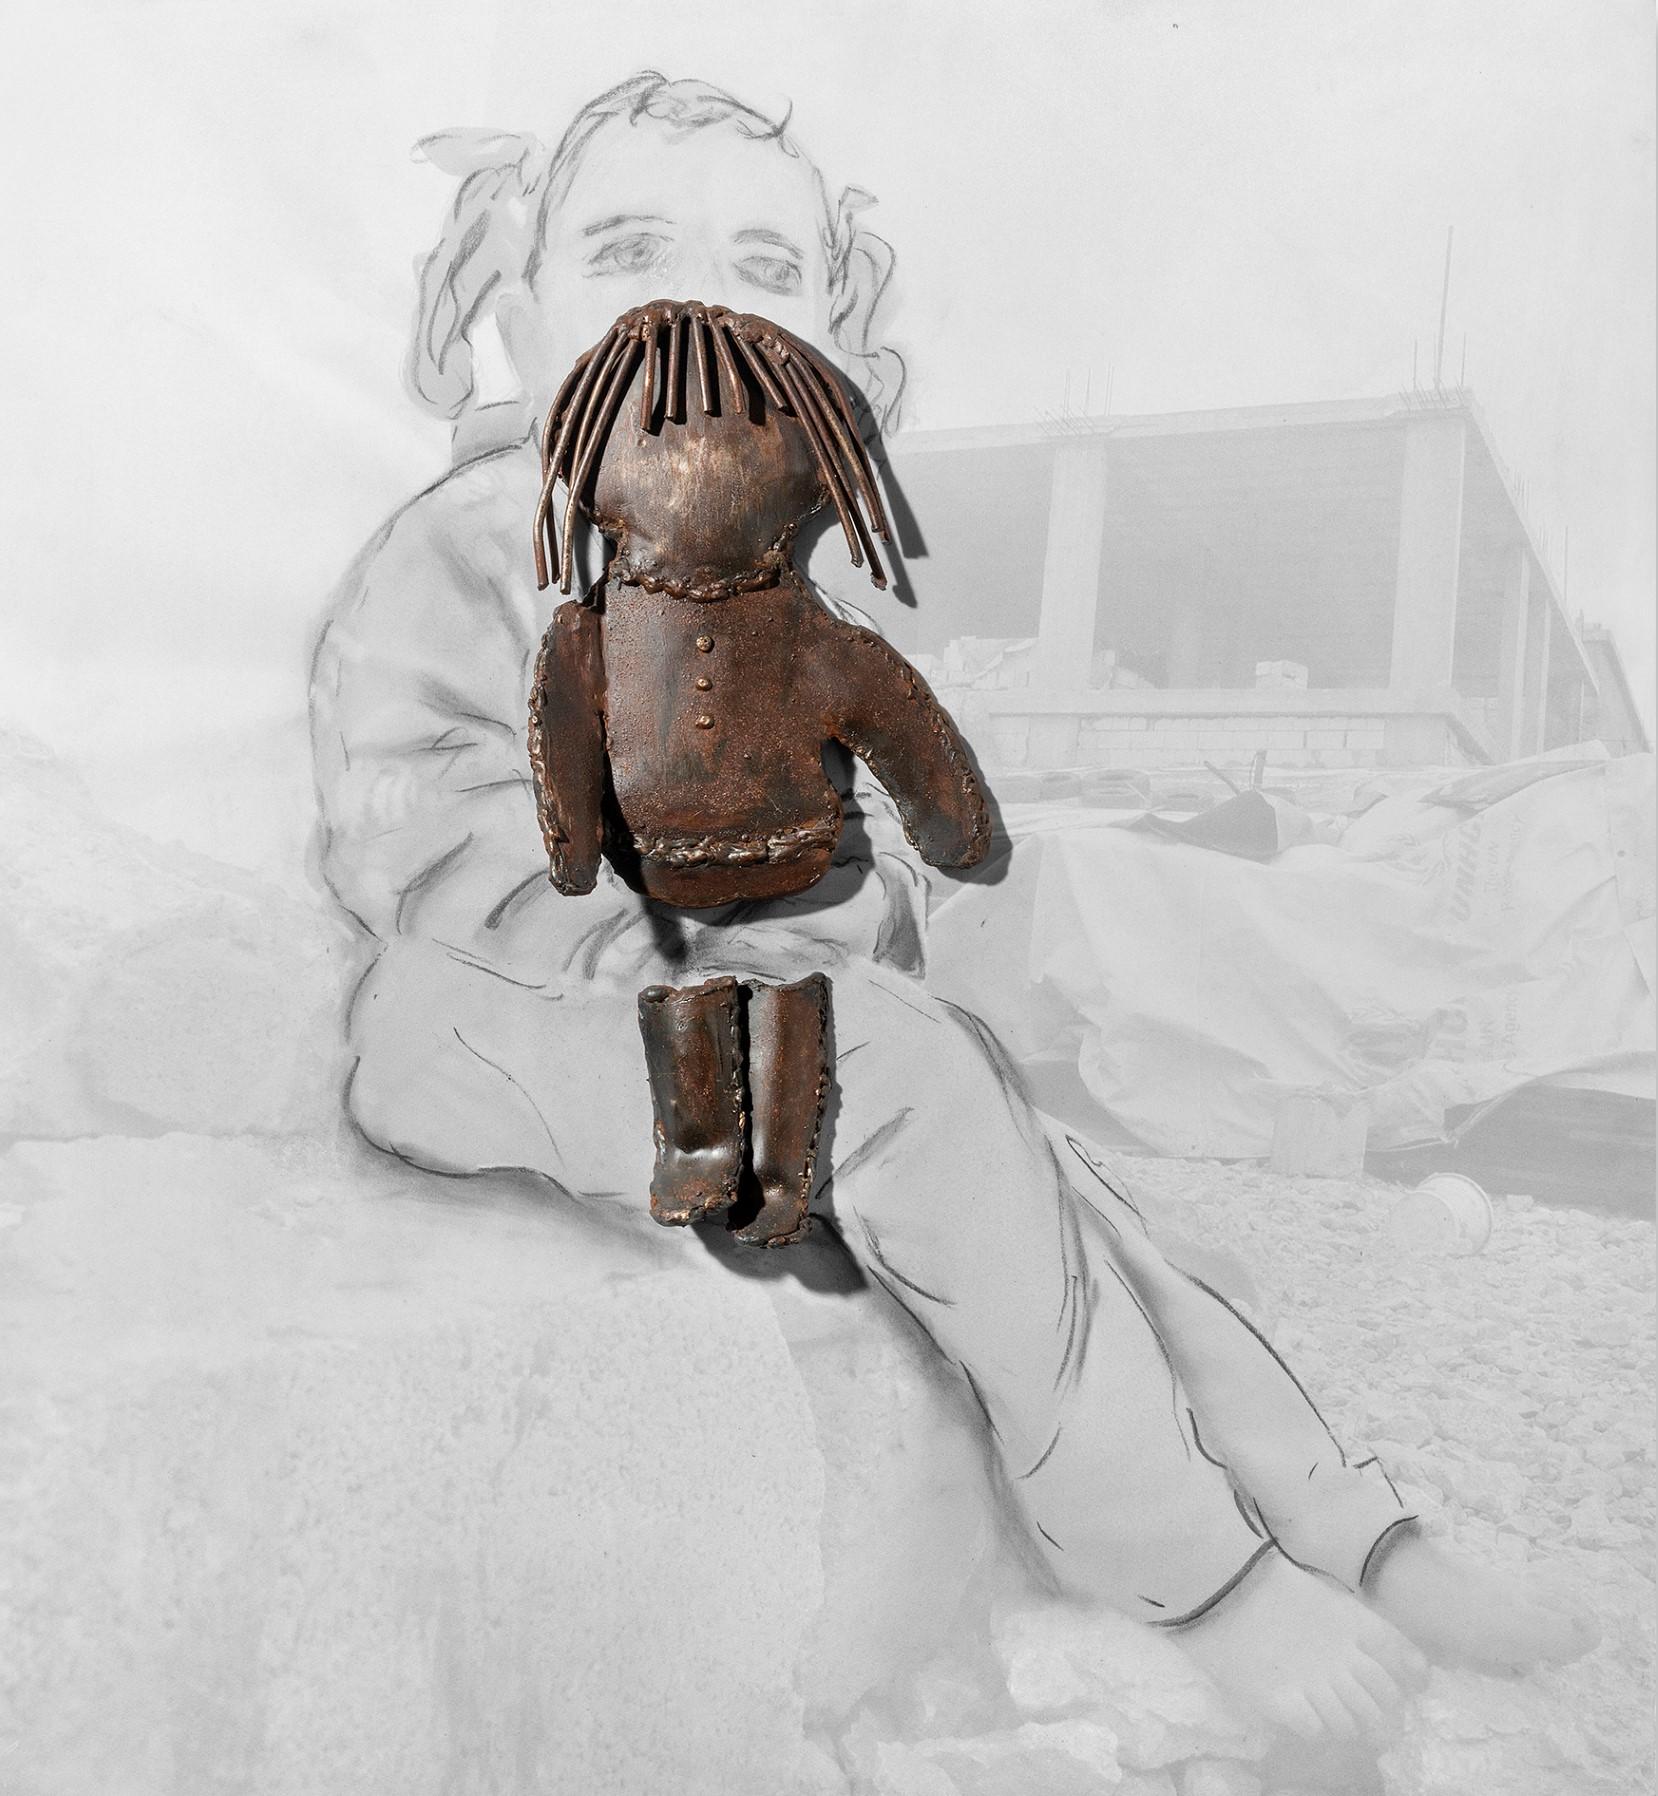 אורנה בן עמי הפליטה והבובה,2020 פיסול בברזל מרותך על גבי צילום. הצילום המקורי רויטרס (Custom)